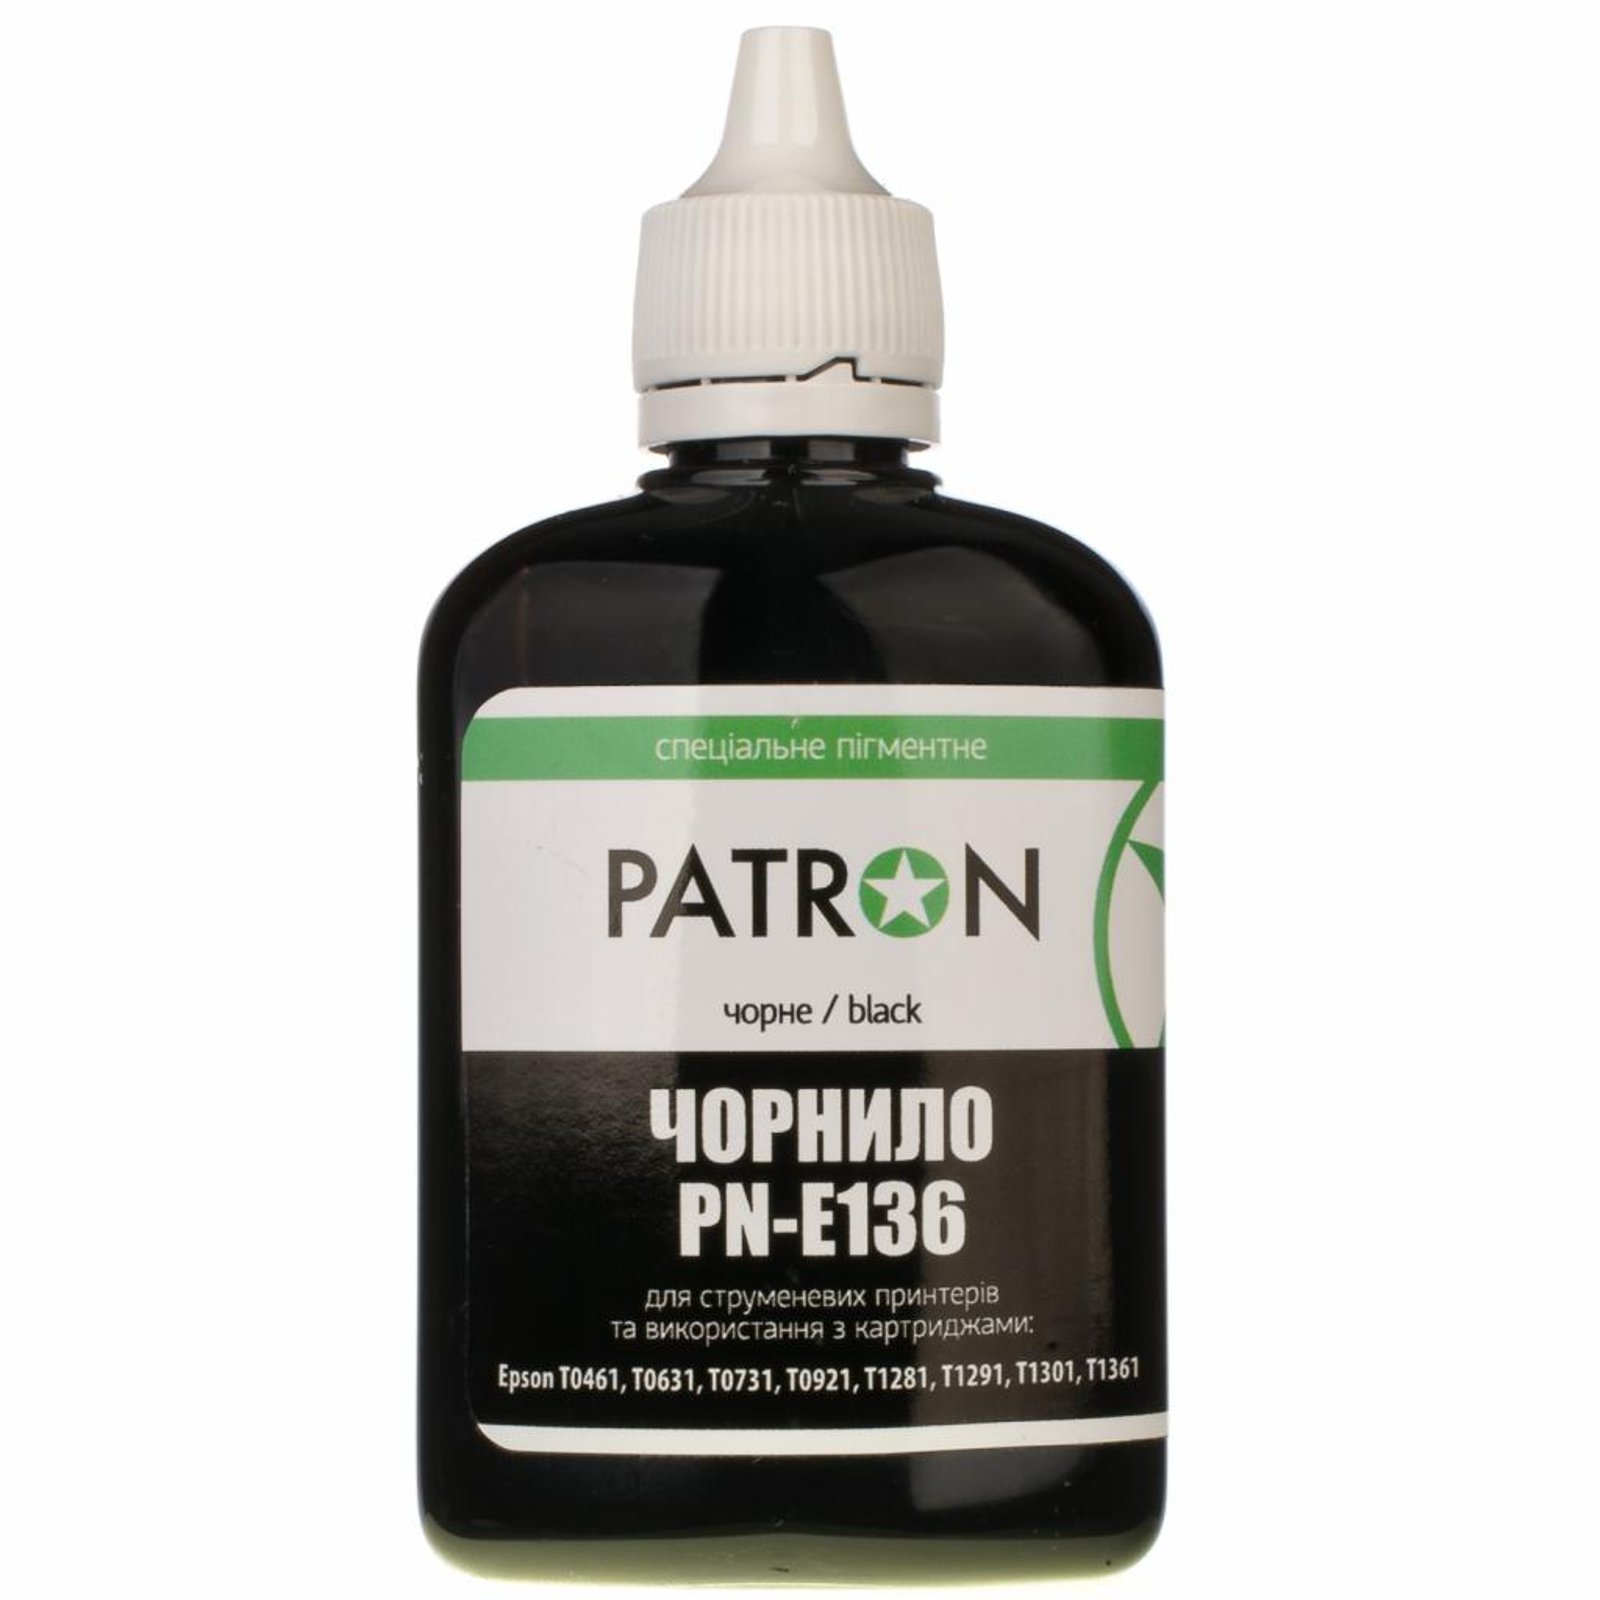 Чернила PATRON EPSON T1361(K101) BLACK SOFTpigment 90г (I-PN-ET136-090-B-SP) изображение 2